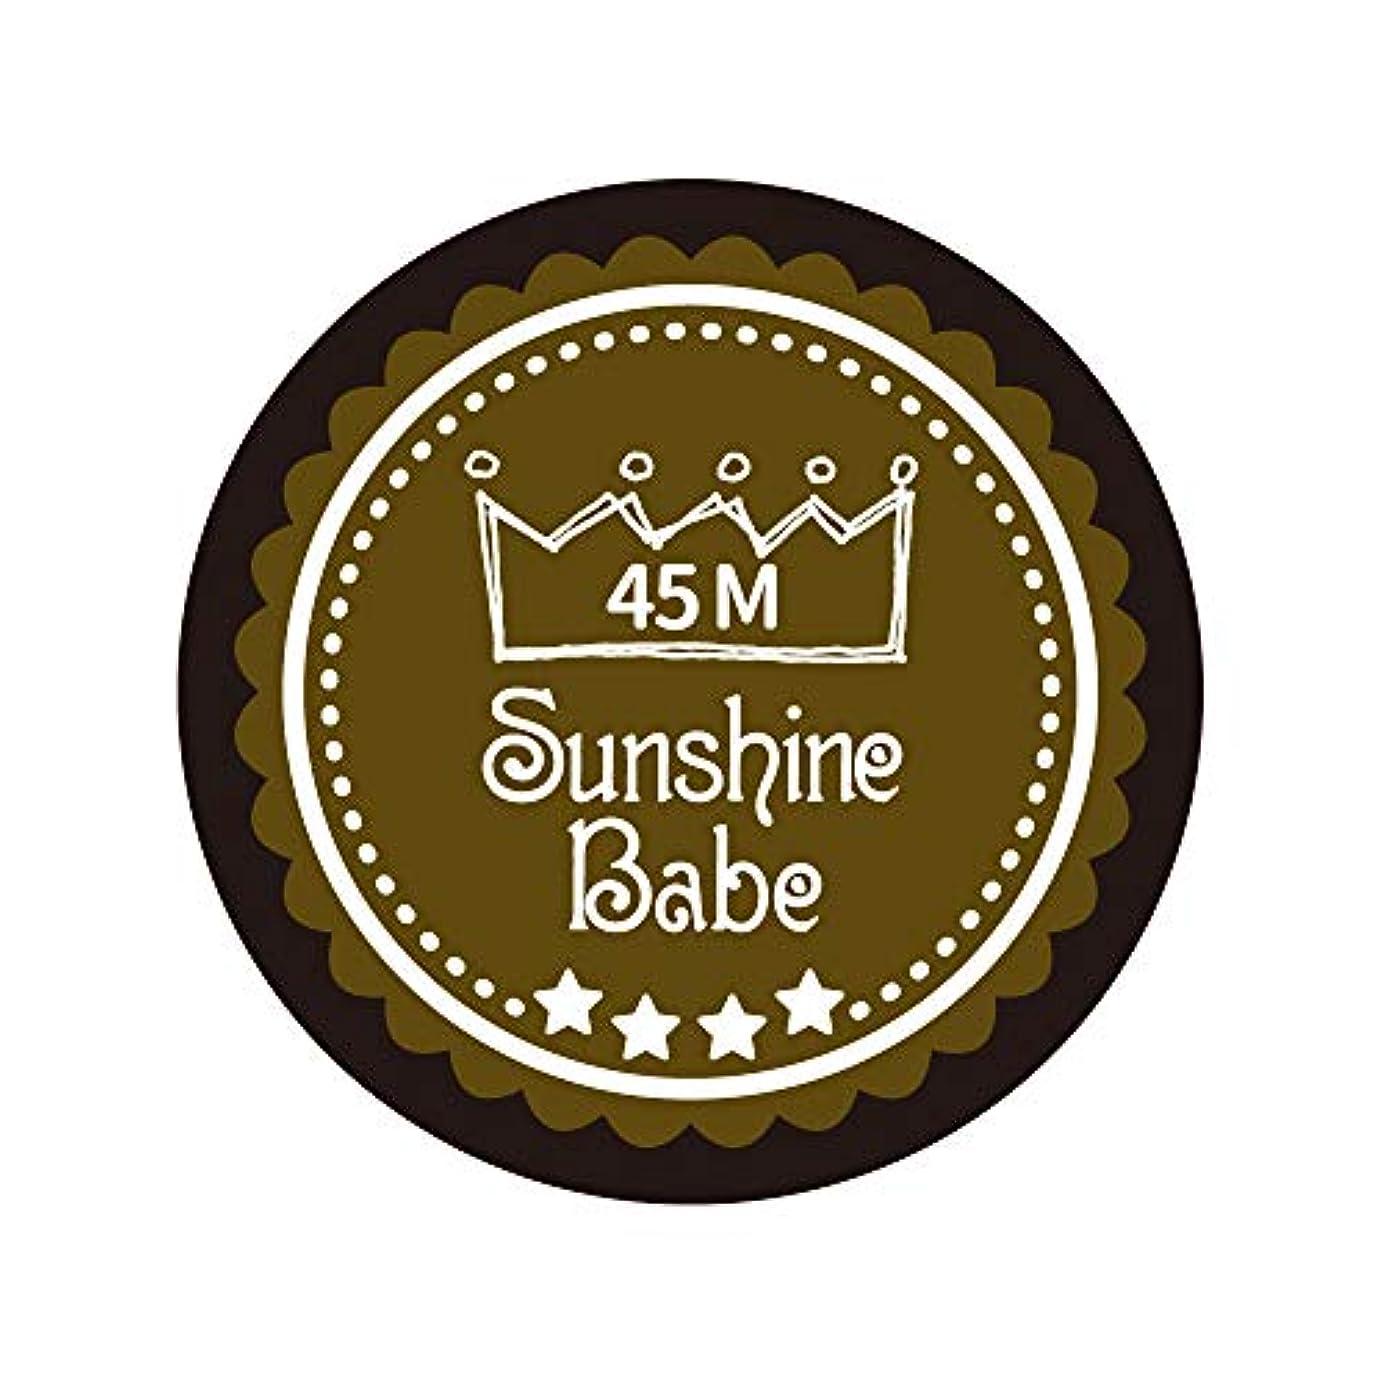 レインコートギネスバターSunshine Babe カラージェル 45M マティーニオリーブ 2.7g UV/LED対応